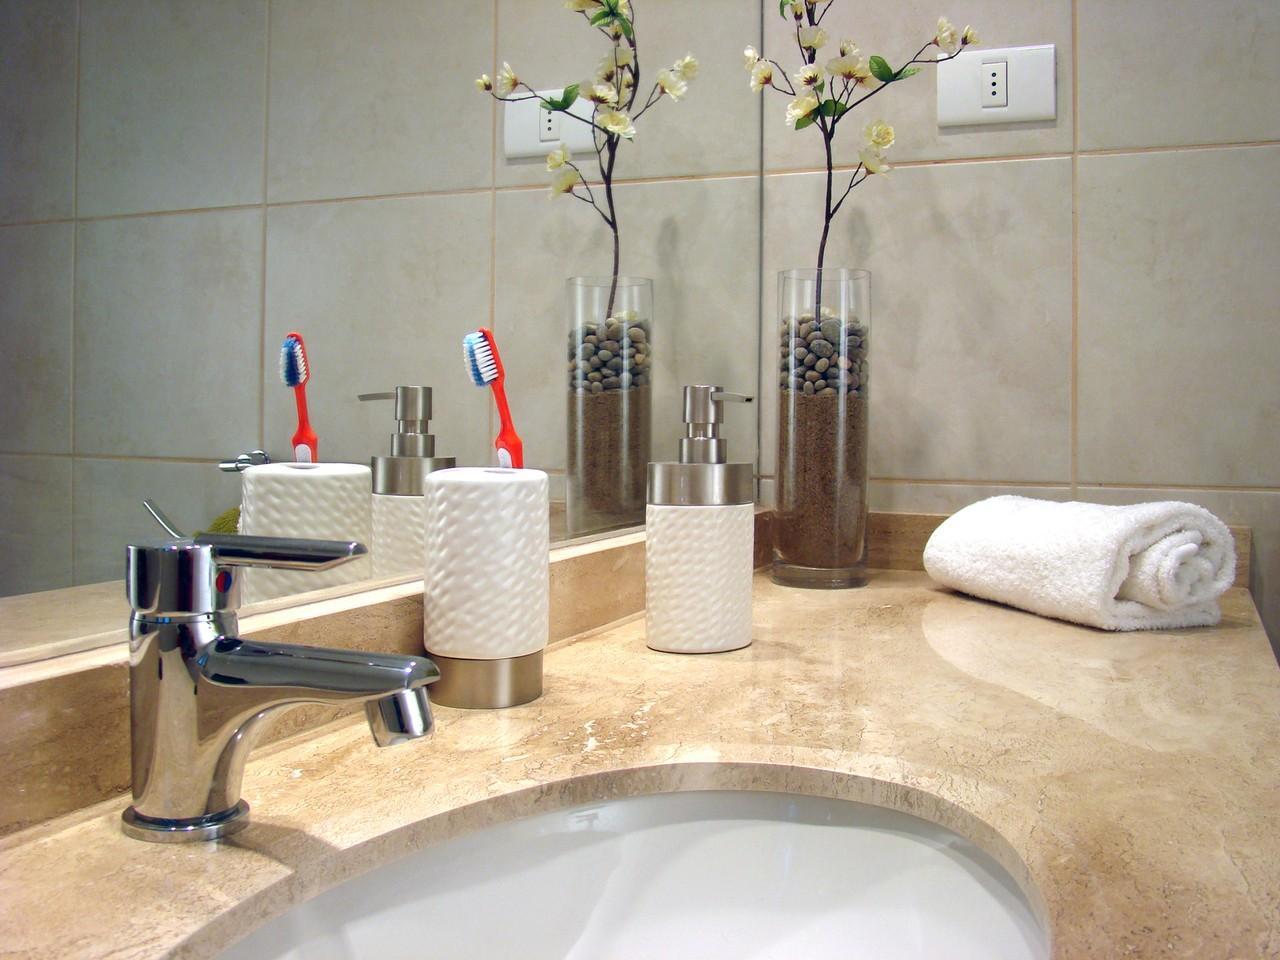 Jakie akcesoria i wyposażenie powinno znajdować się w każdej łazience